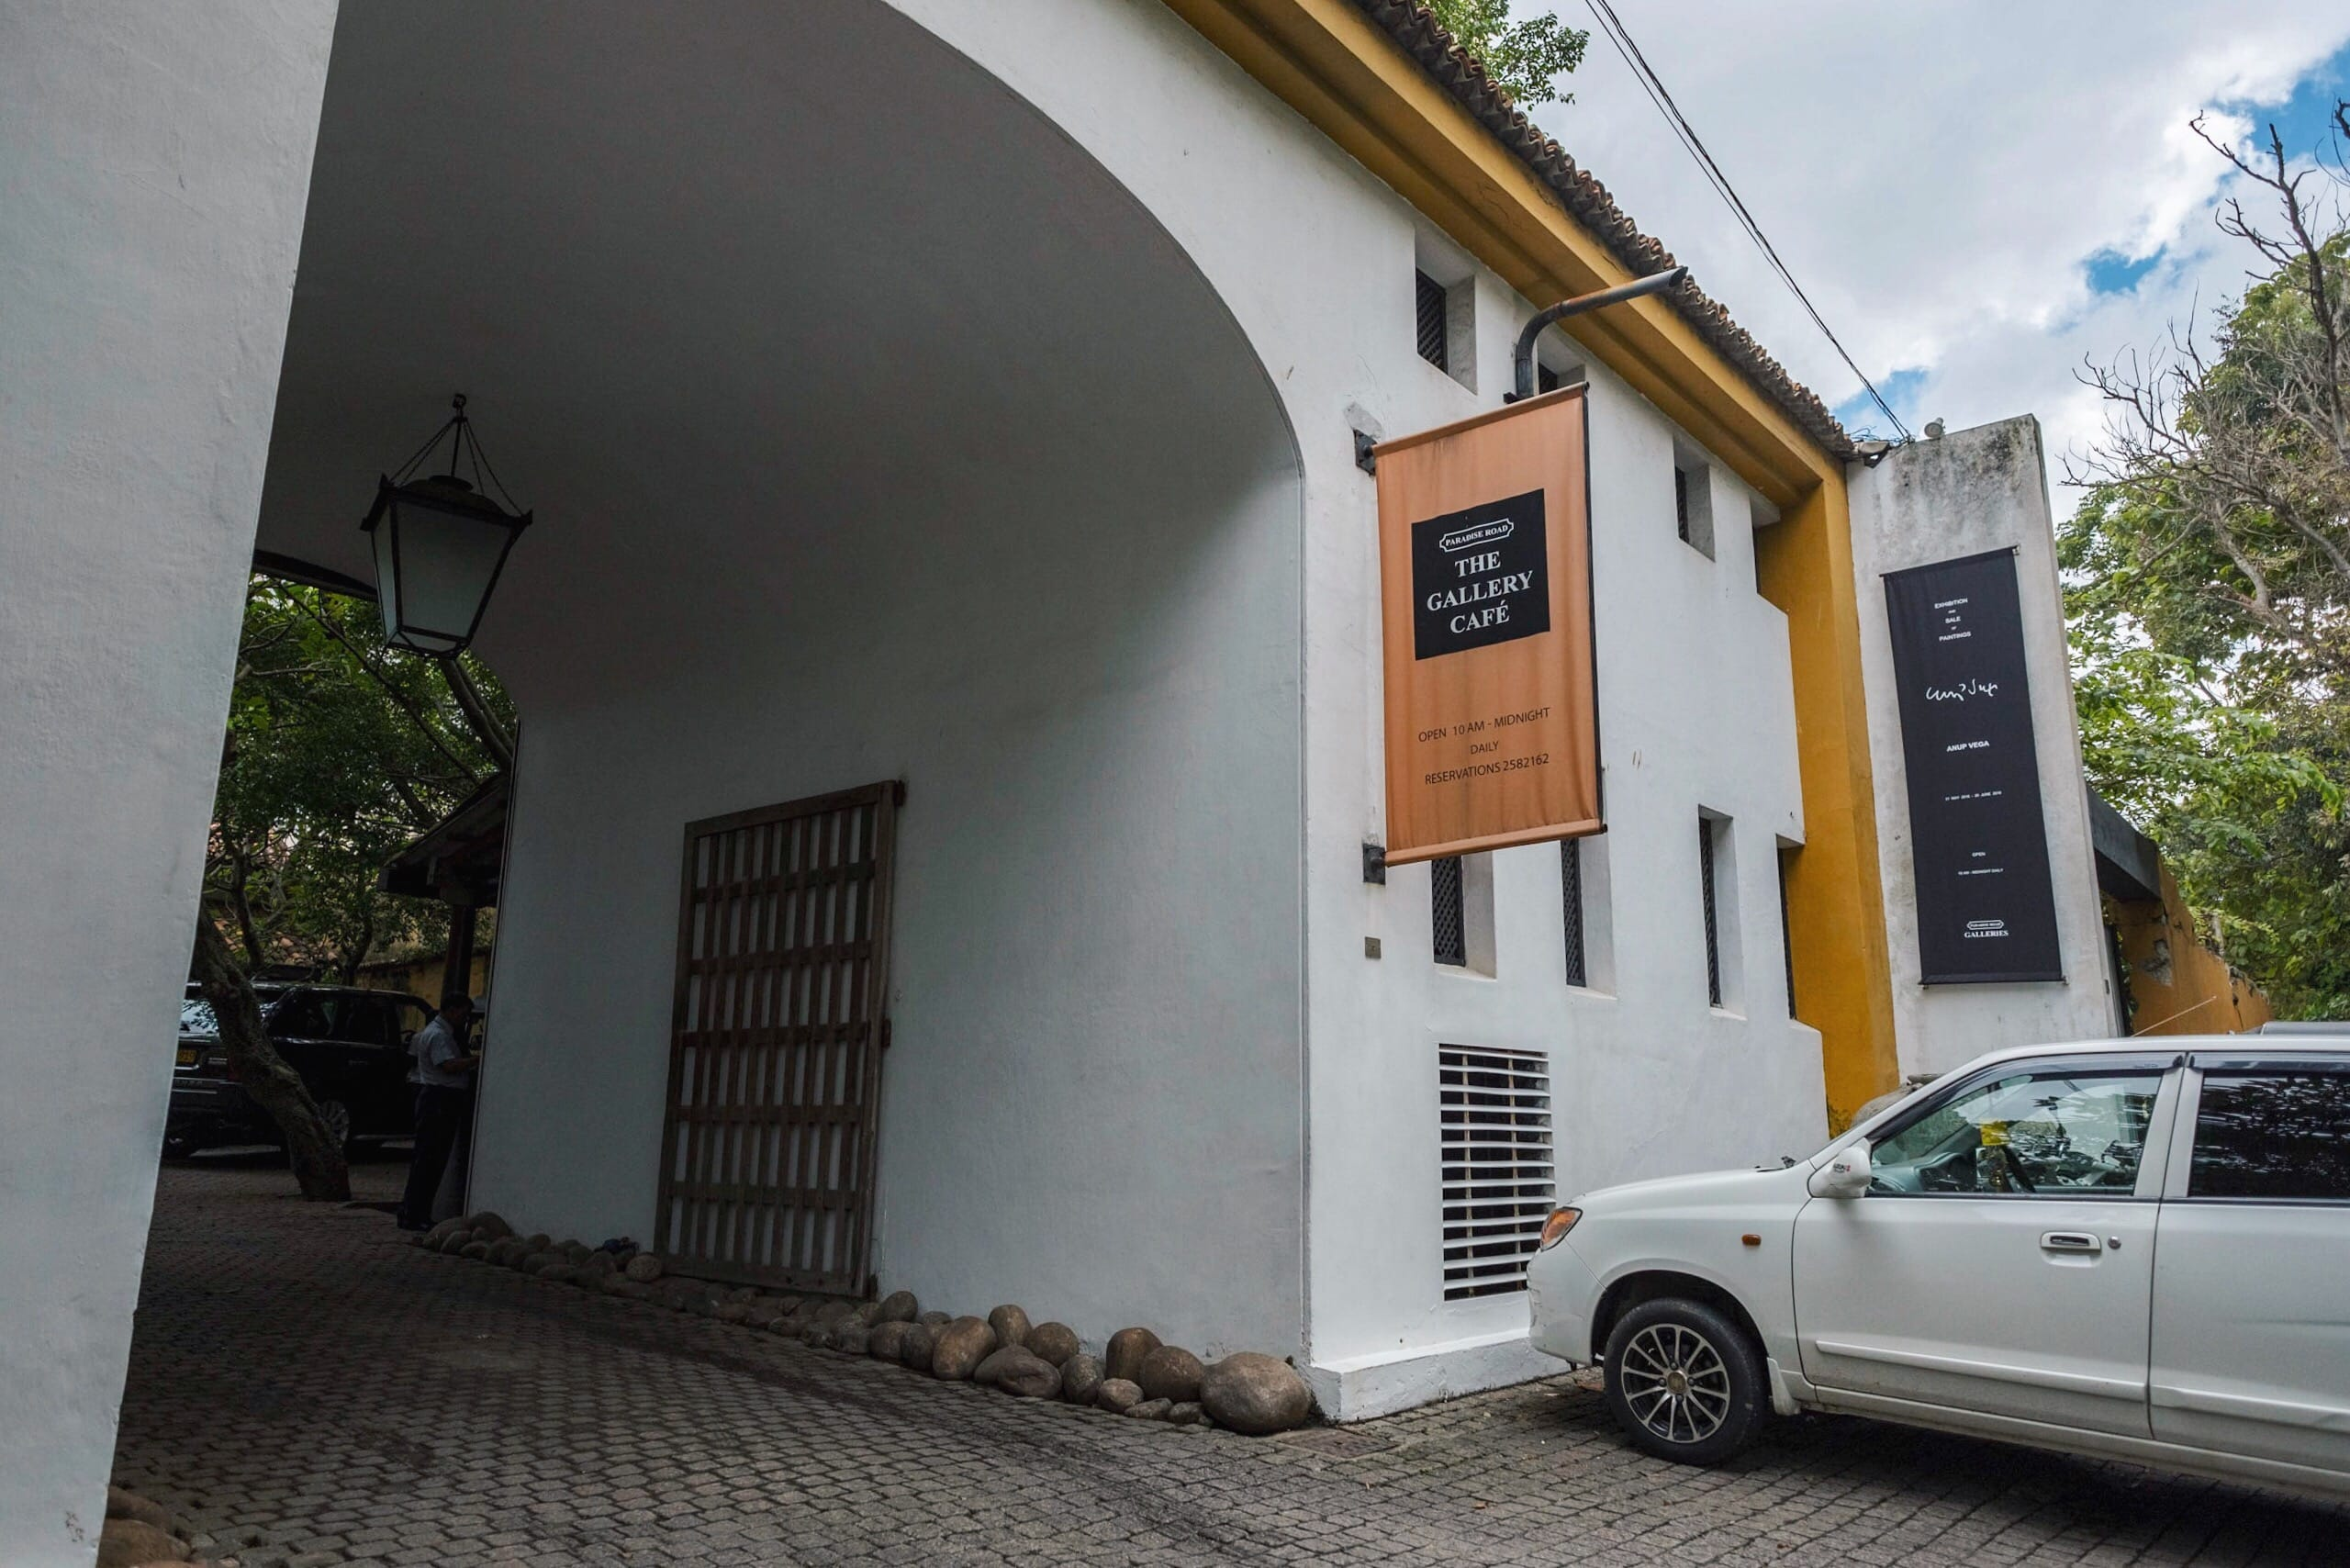 コロンボに来たら訪れたいバワ建築カフェ「パラダイス ロード ザ ギャラリー カフェ」|スリランカ